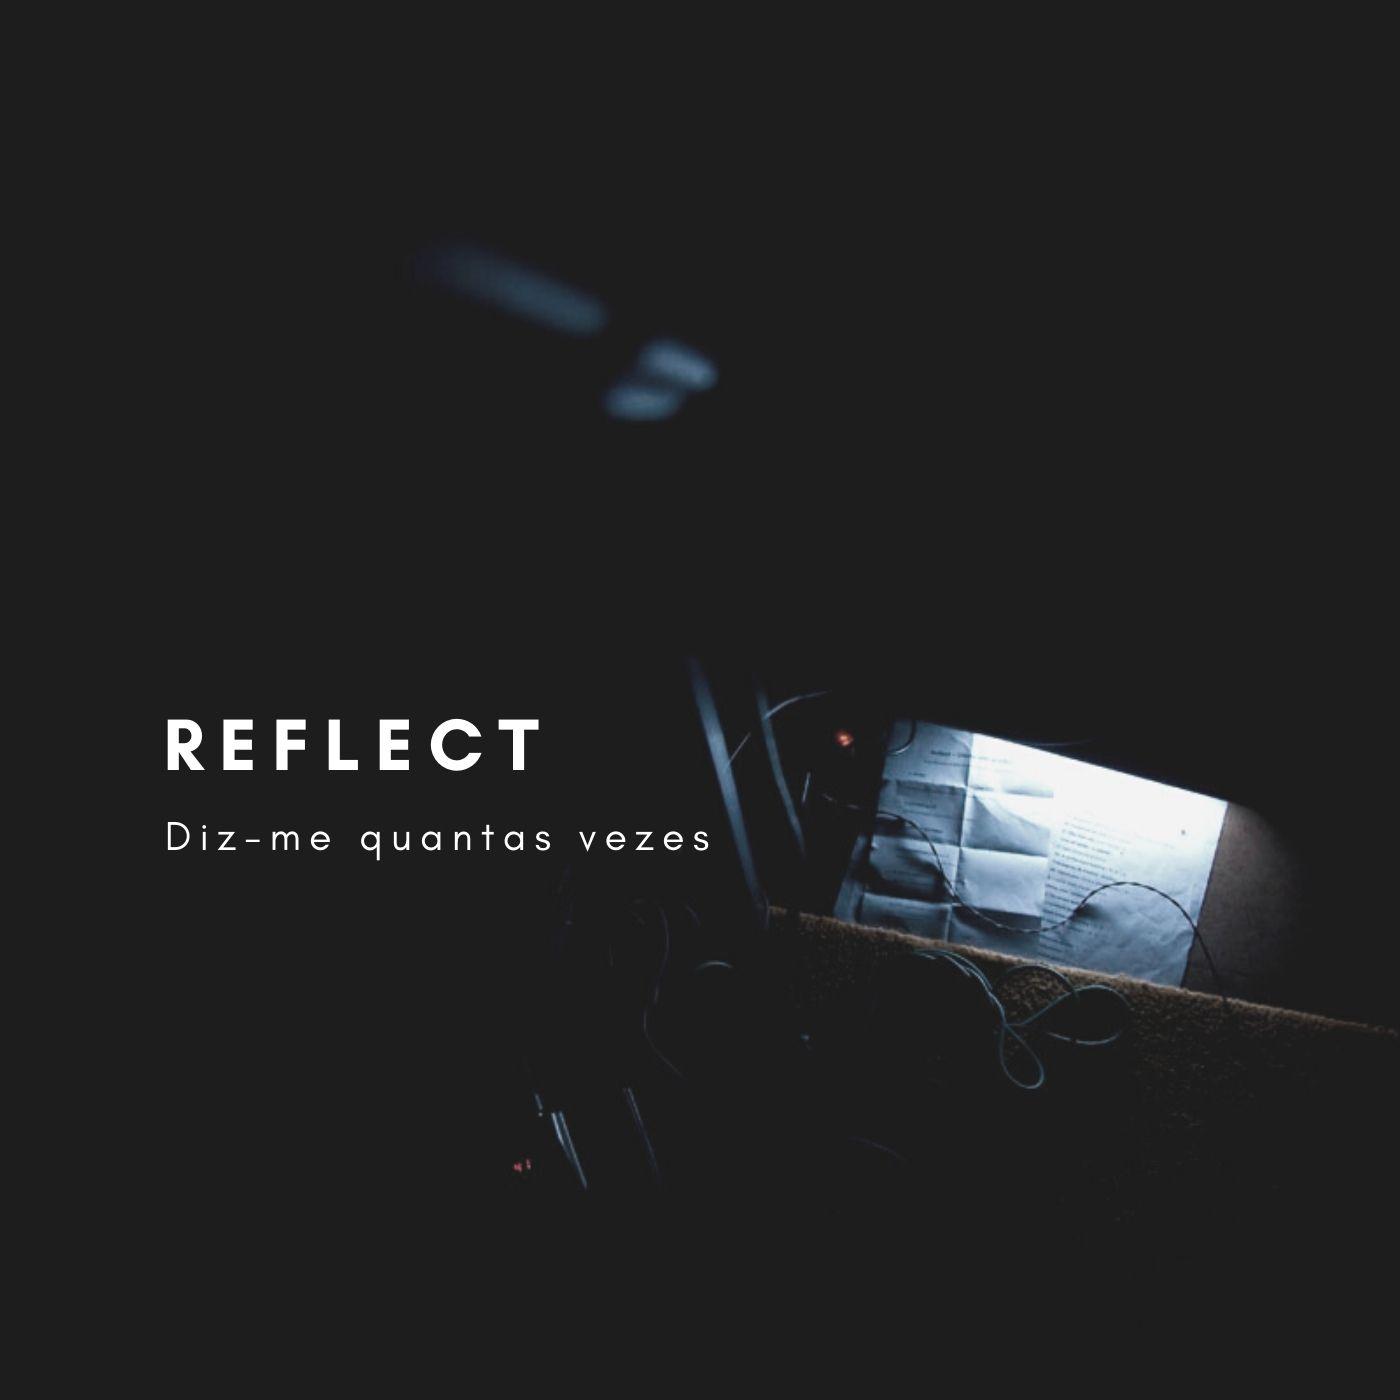 Reflect - Diz-me quantas vezes